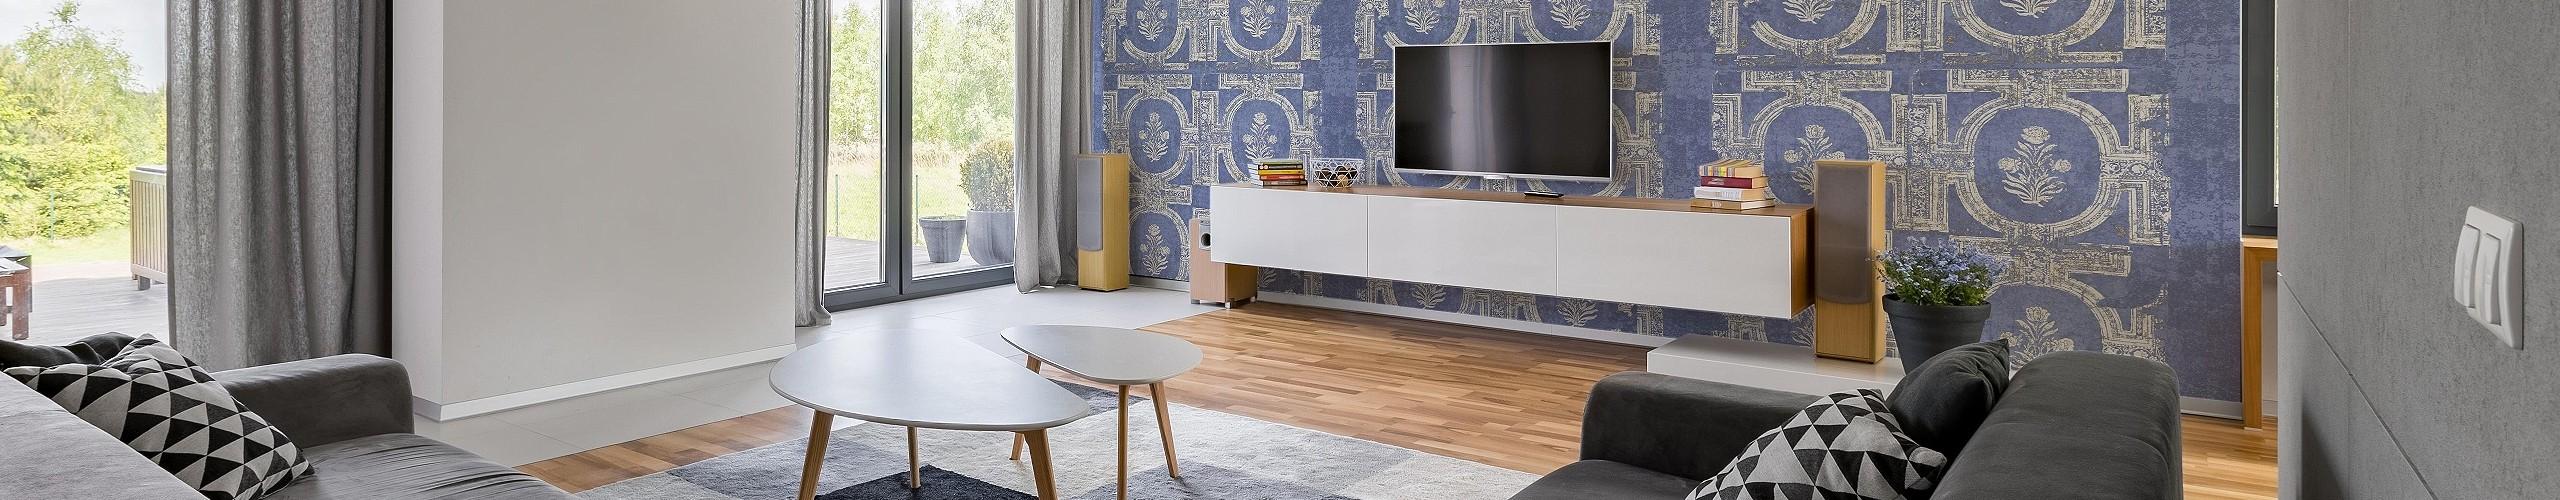 stein grau blau tapeten lust auf was neues. Black Bedroom Furniture Sets. Home Design Ideas